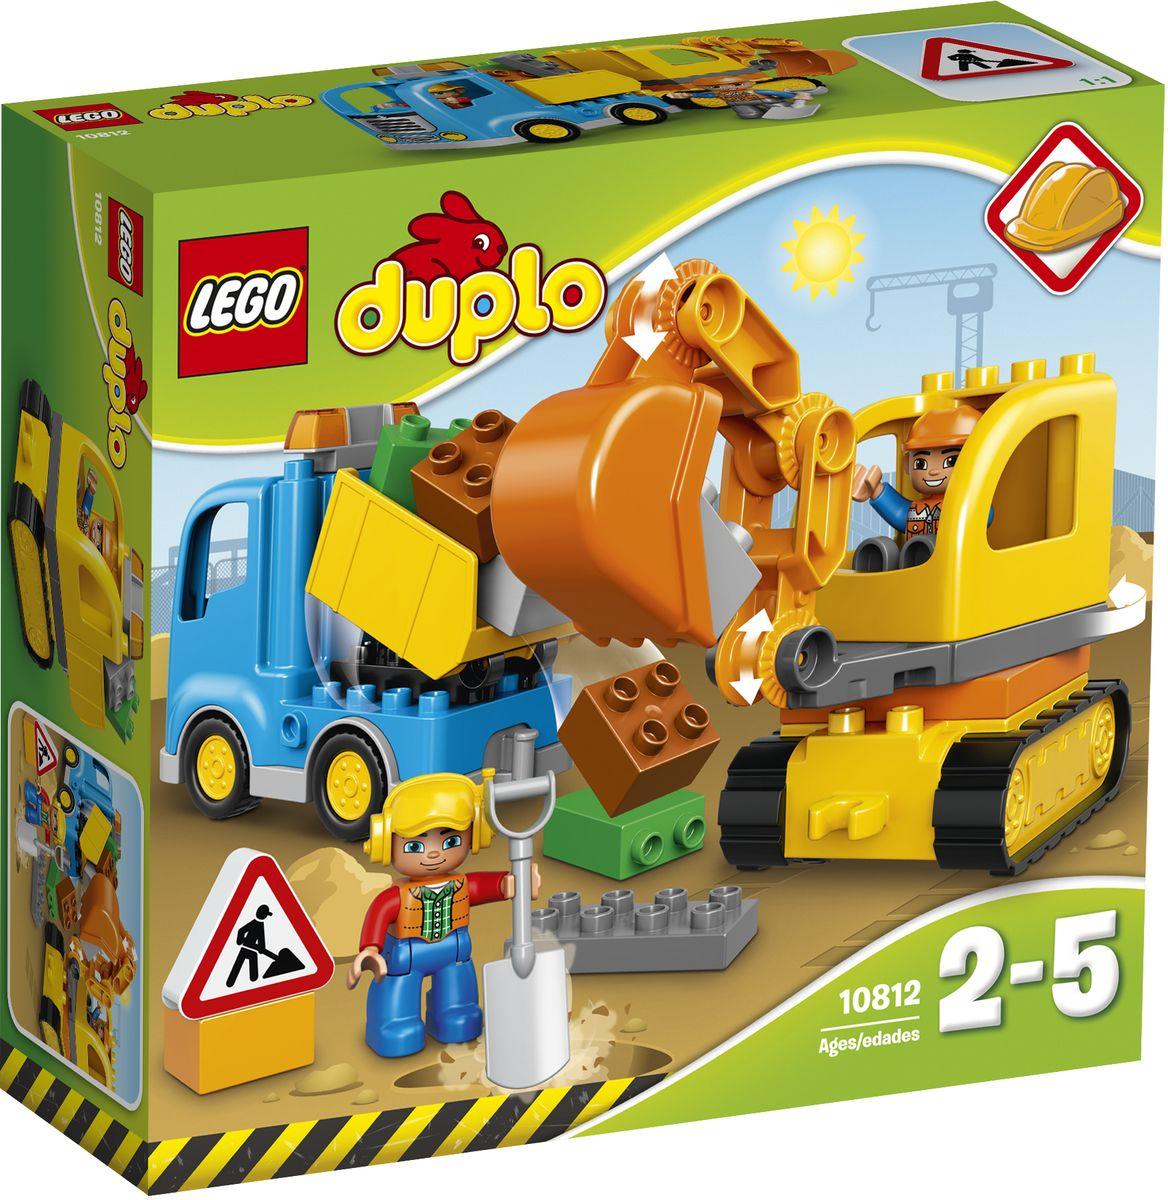 LEGO DUPLO Конструктор Грузовик и гусеничный экскаватор 10812 lego duplo конструктор гоночный автомобиль 10589